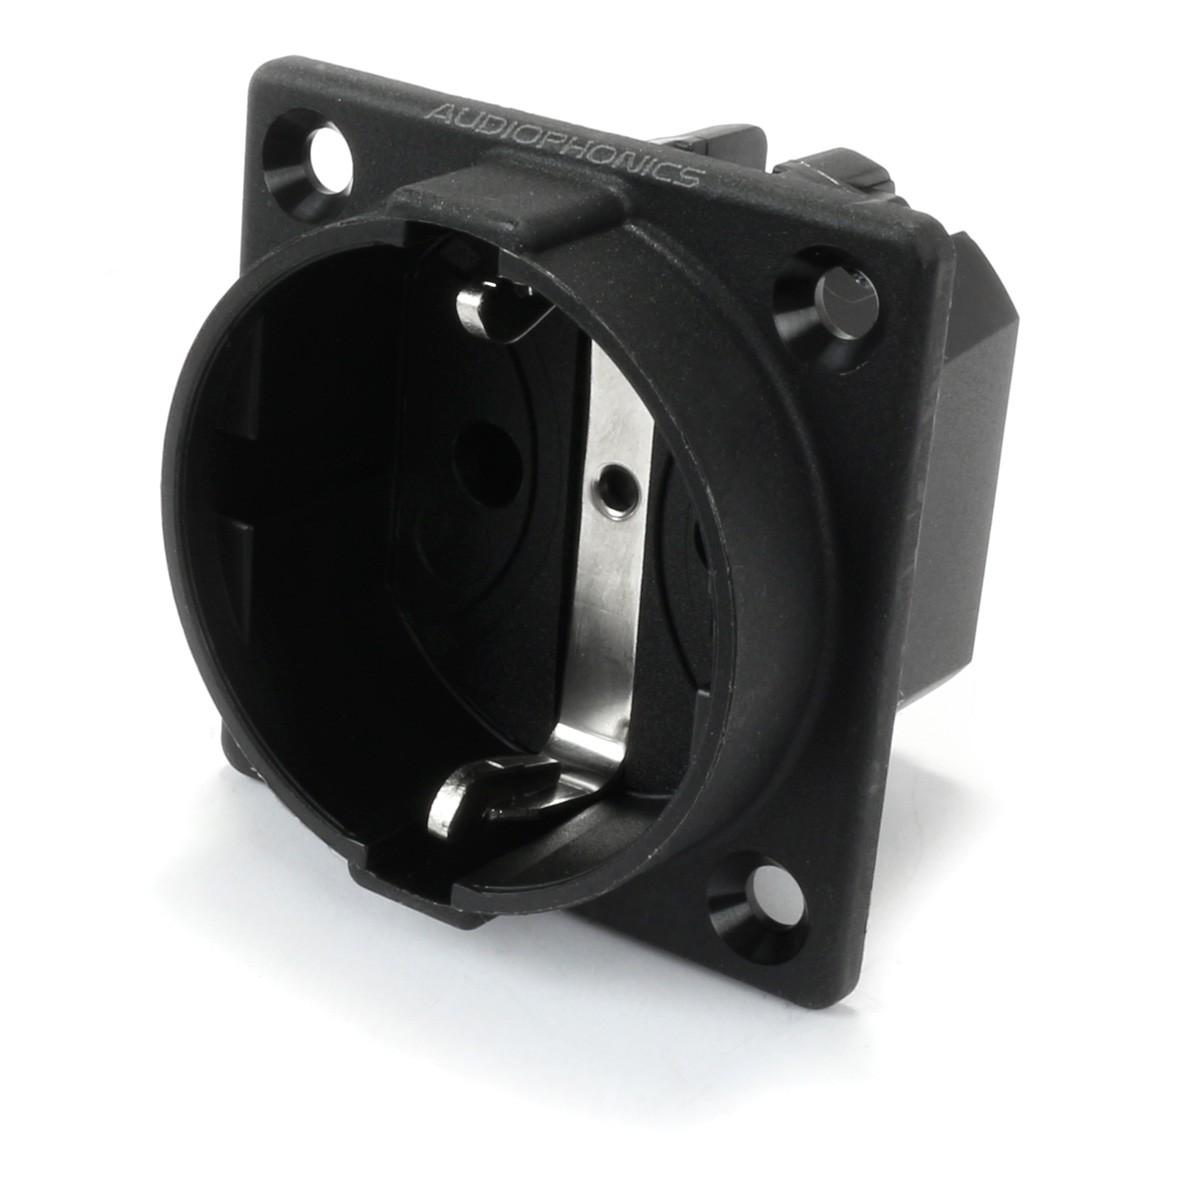 ABL SURSUM Schuko inlet 16A IP20 Black